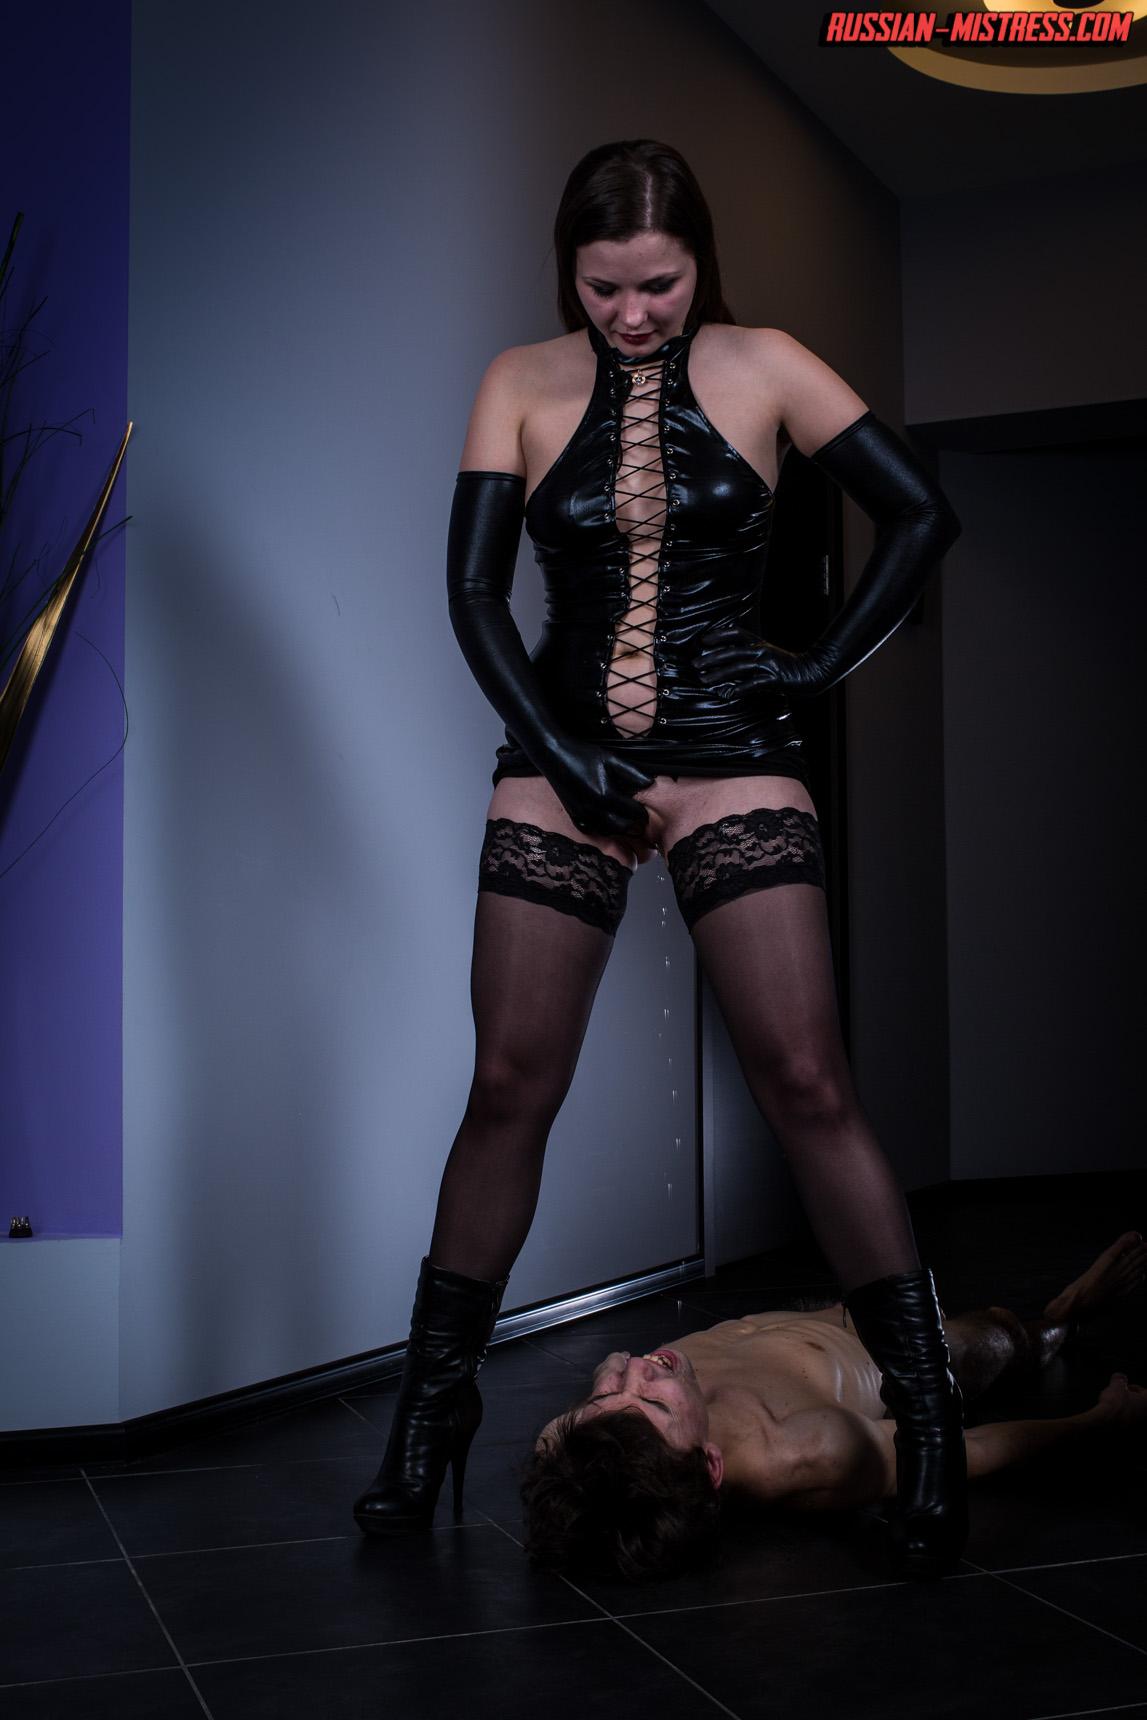 Посмотреть бесплатно russian mistress 16 фотография